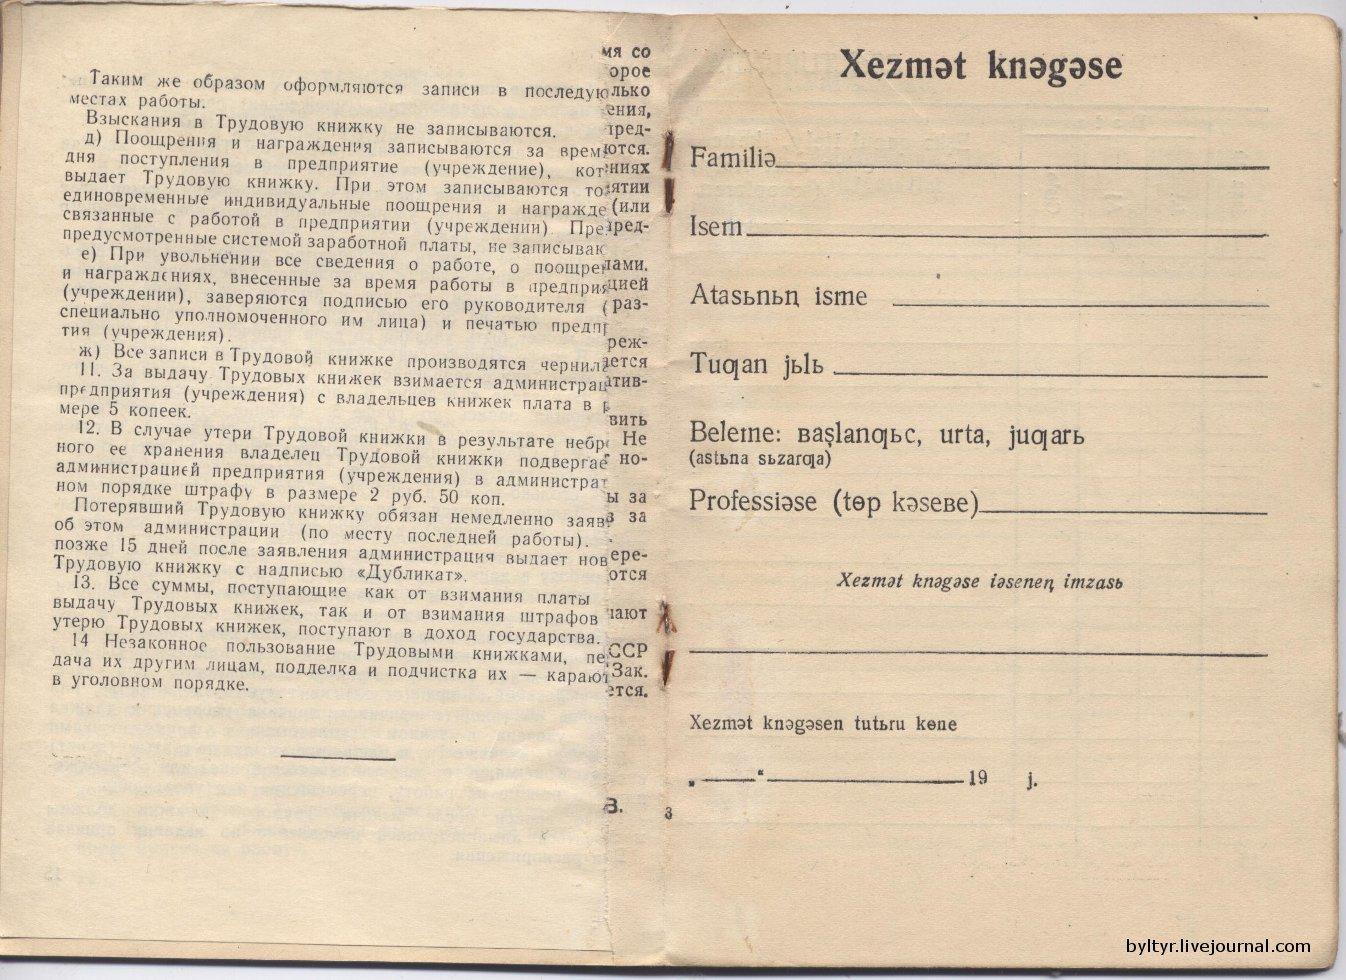 татарская латиница в документах